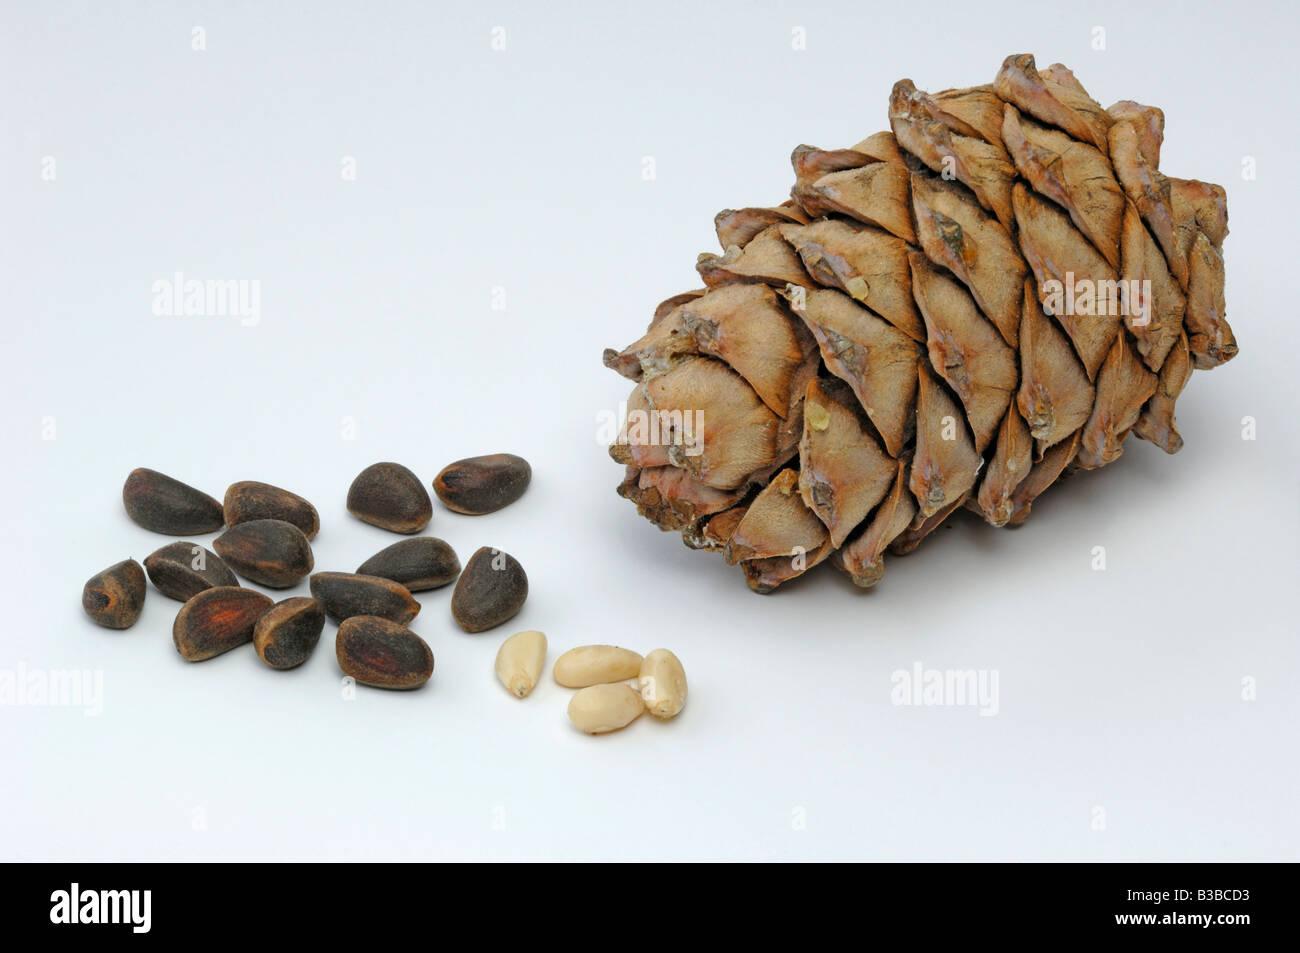 Как вырастить дальневосточный кедр из орешка в домашних условиях